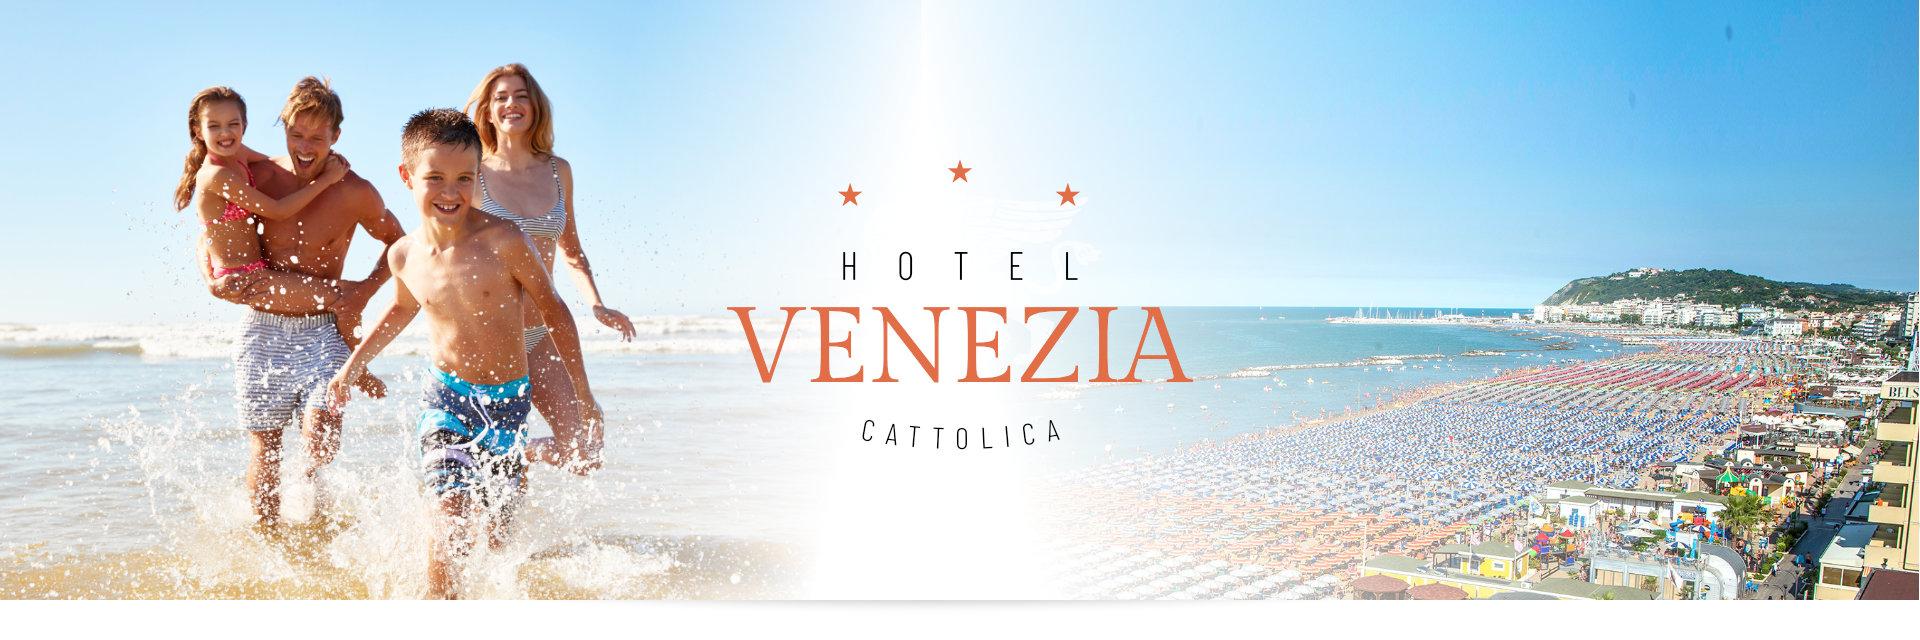 Offerte Vacanze Estive Hotel Venezia Cattolica